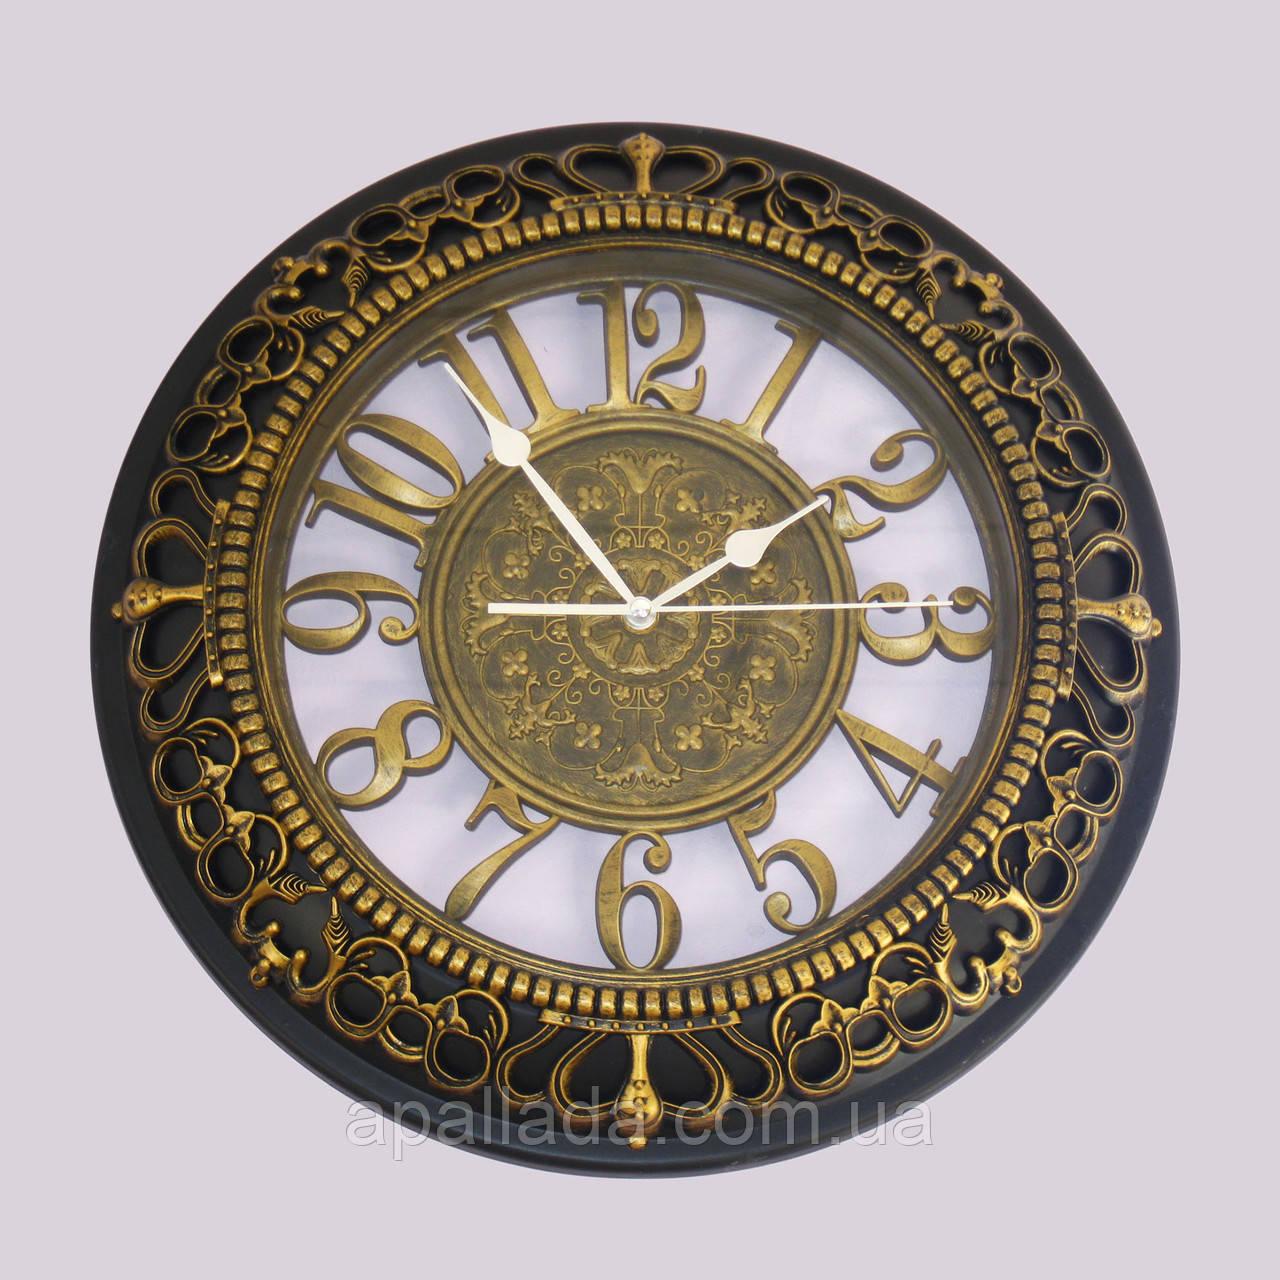 Часы под бронзу 41 см.